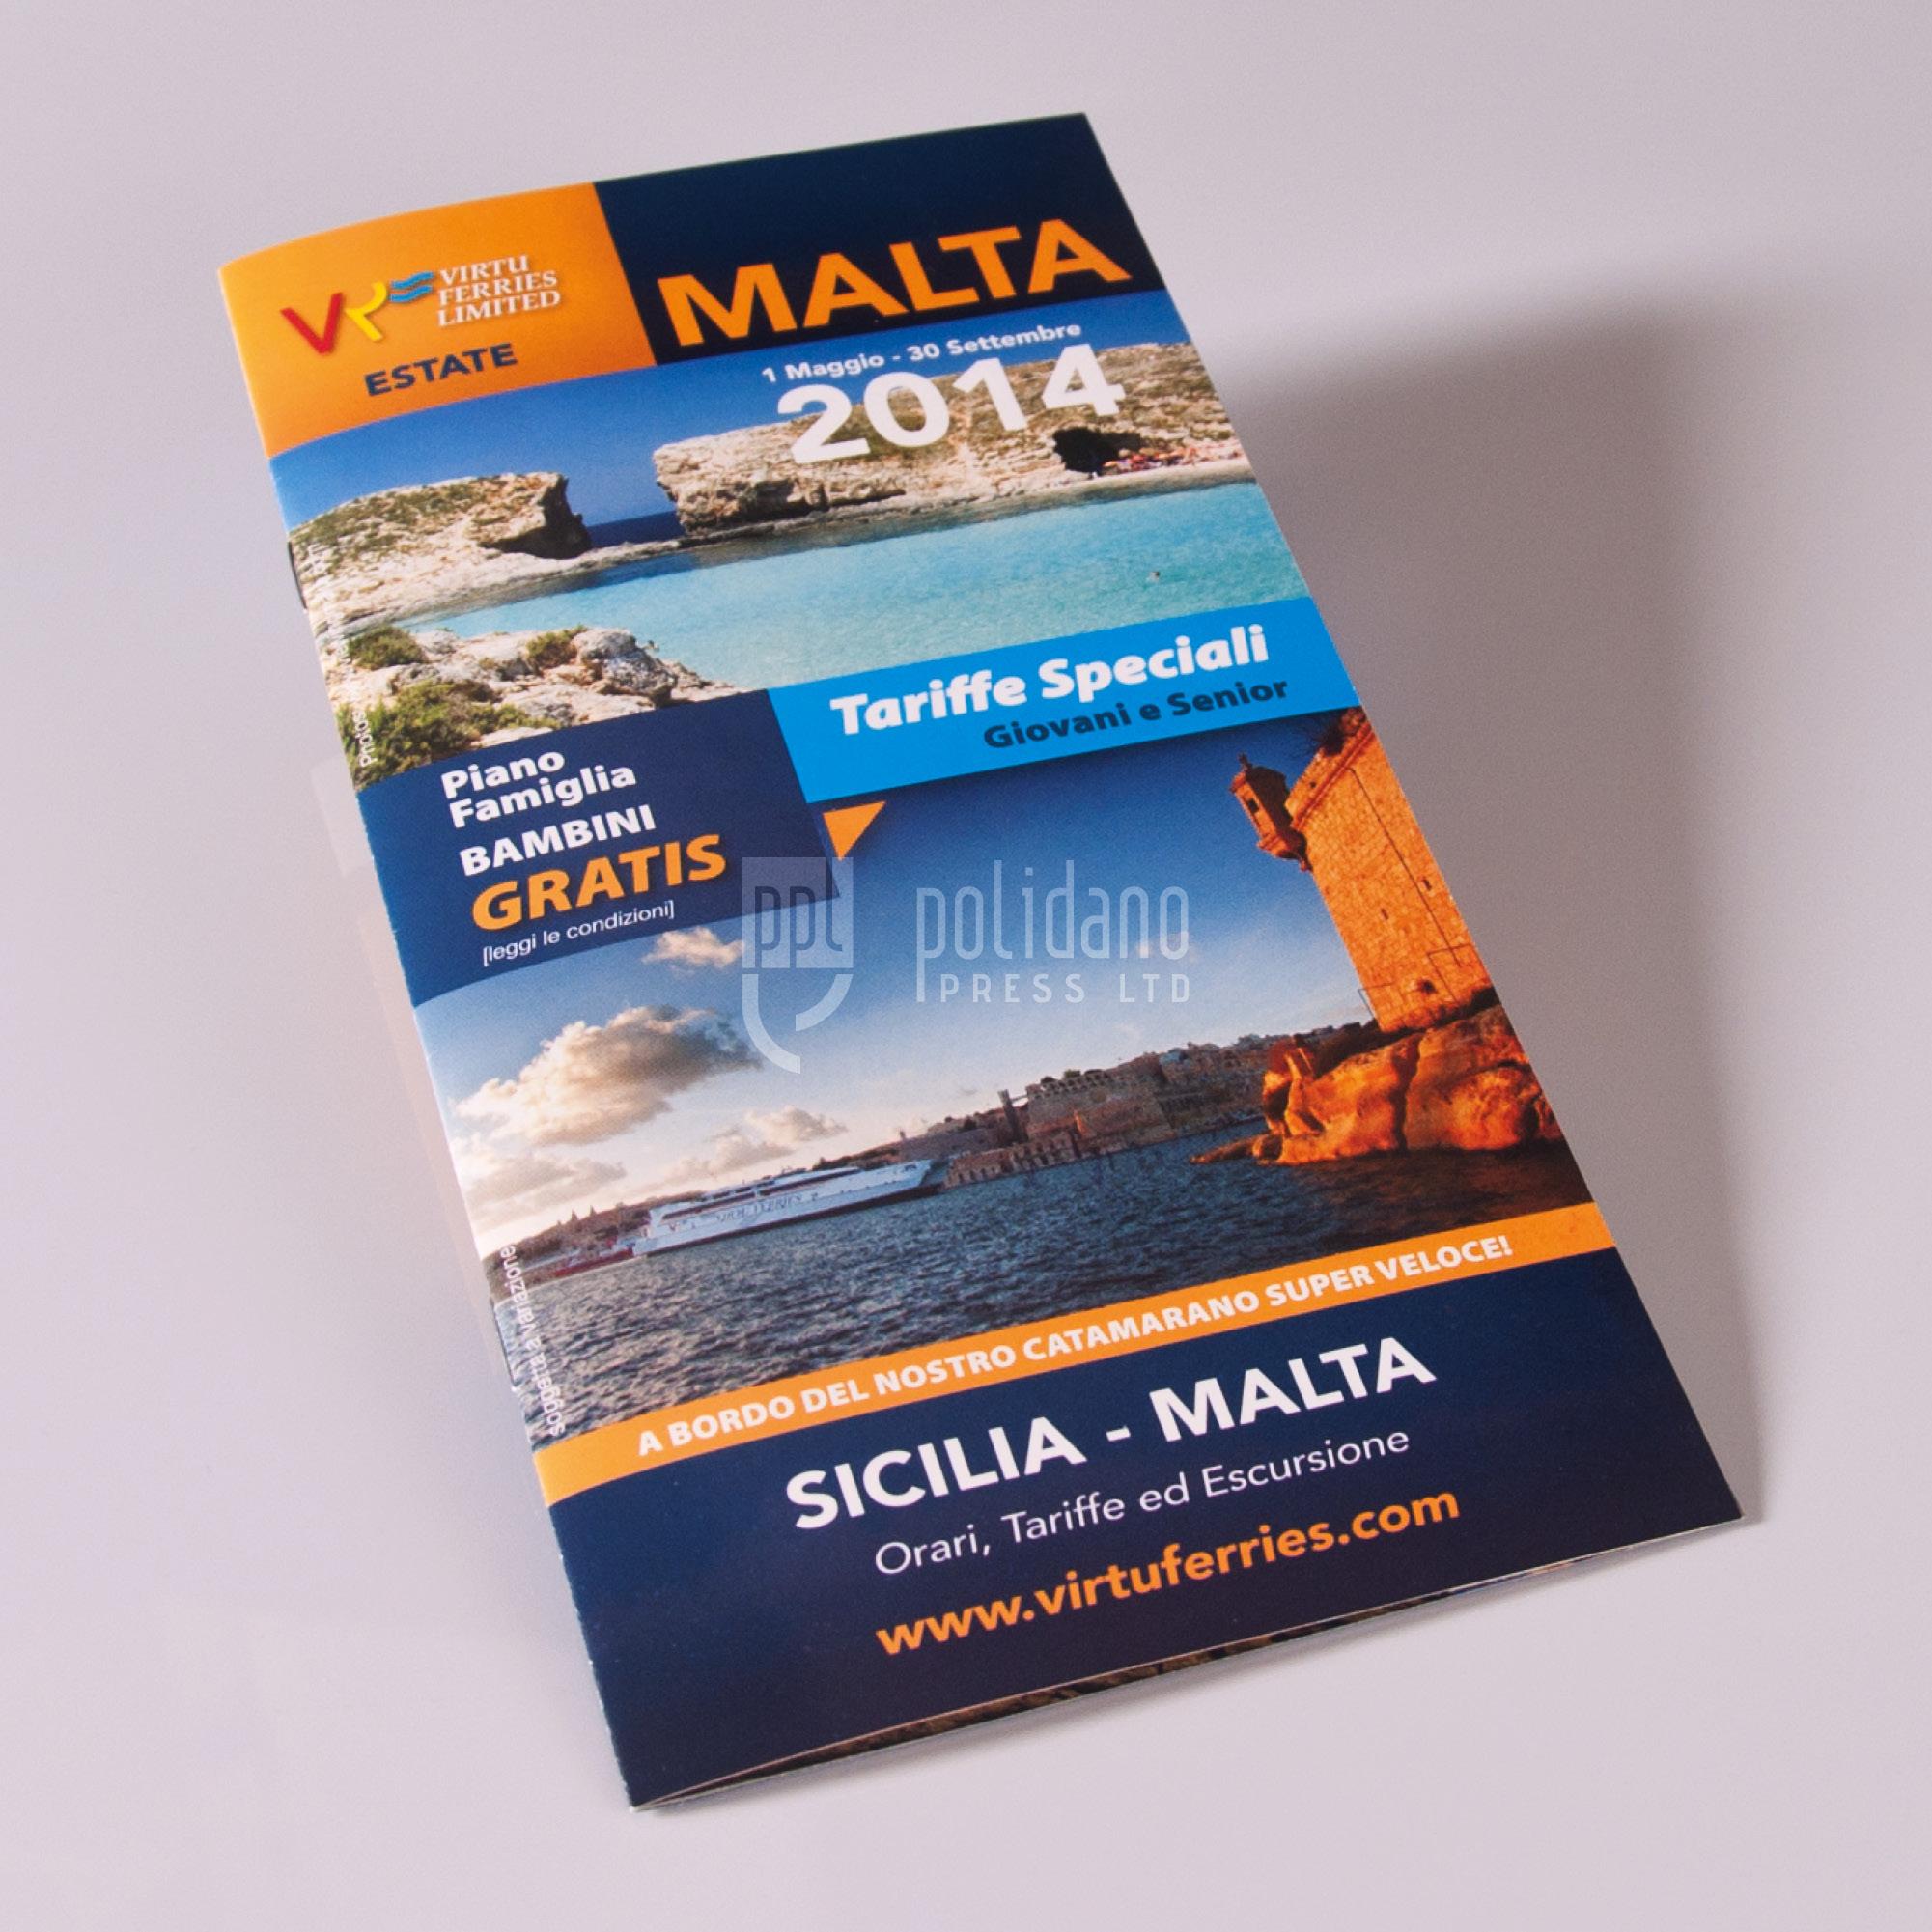 Virtu Ferries timetable booklet